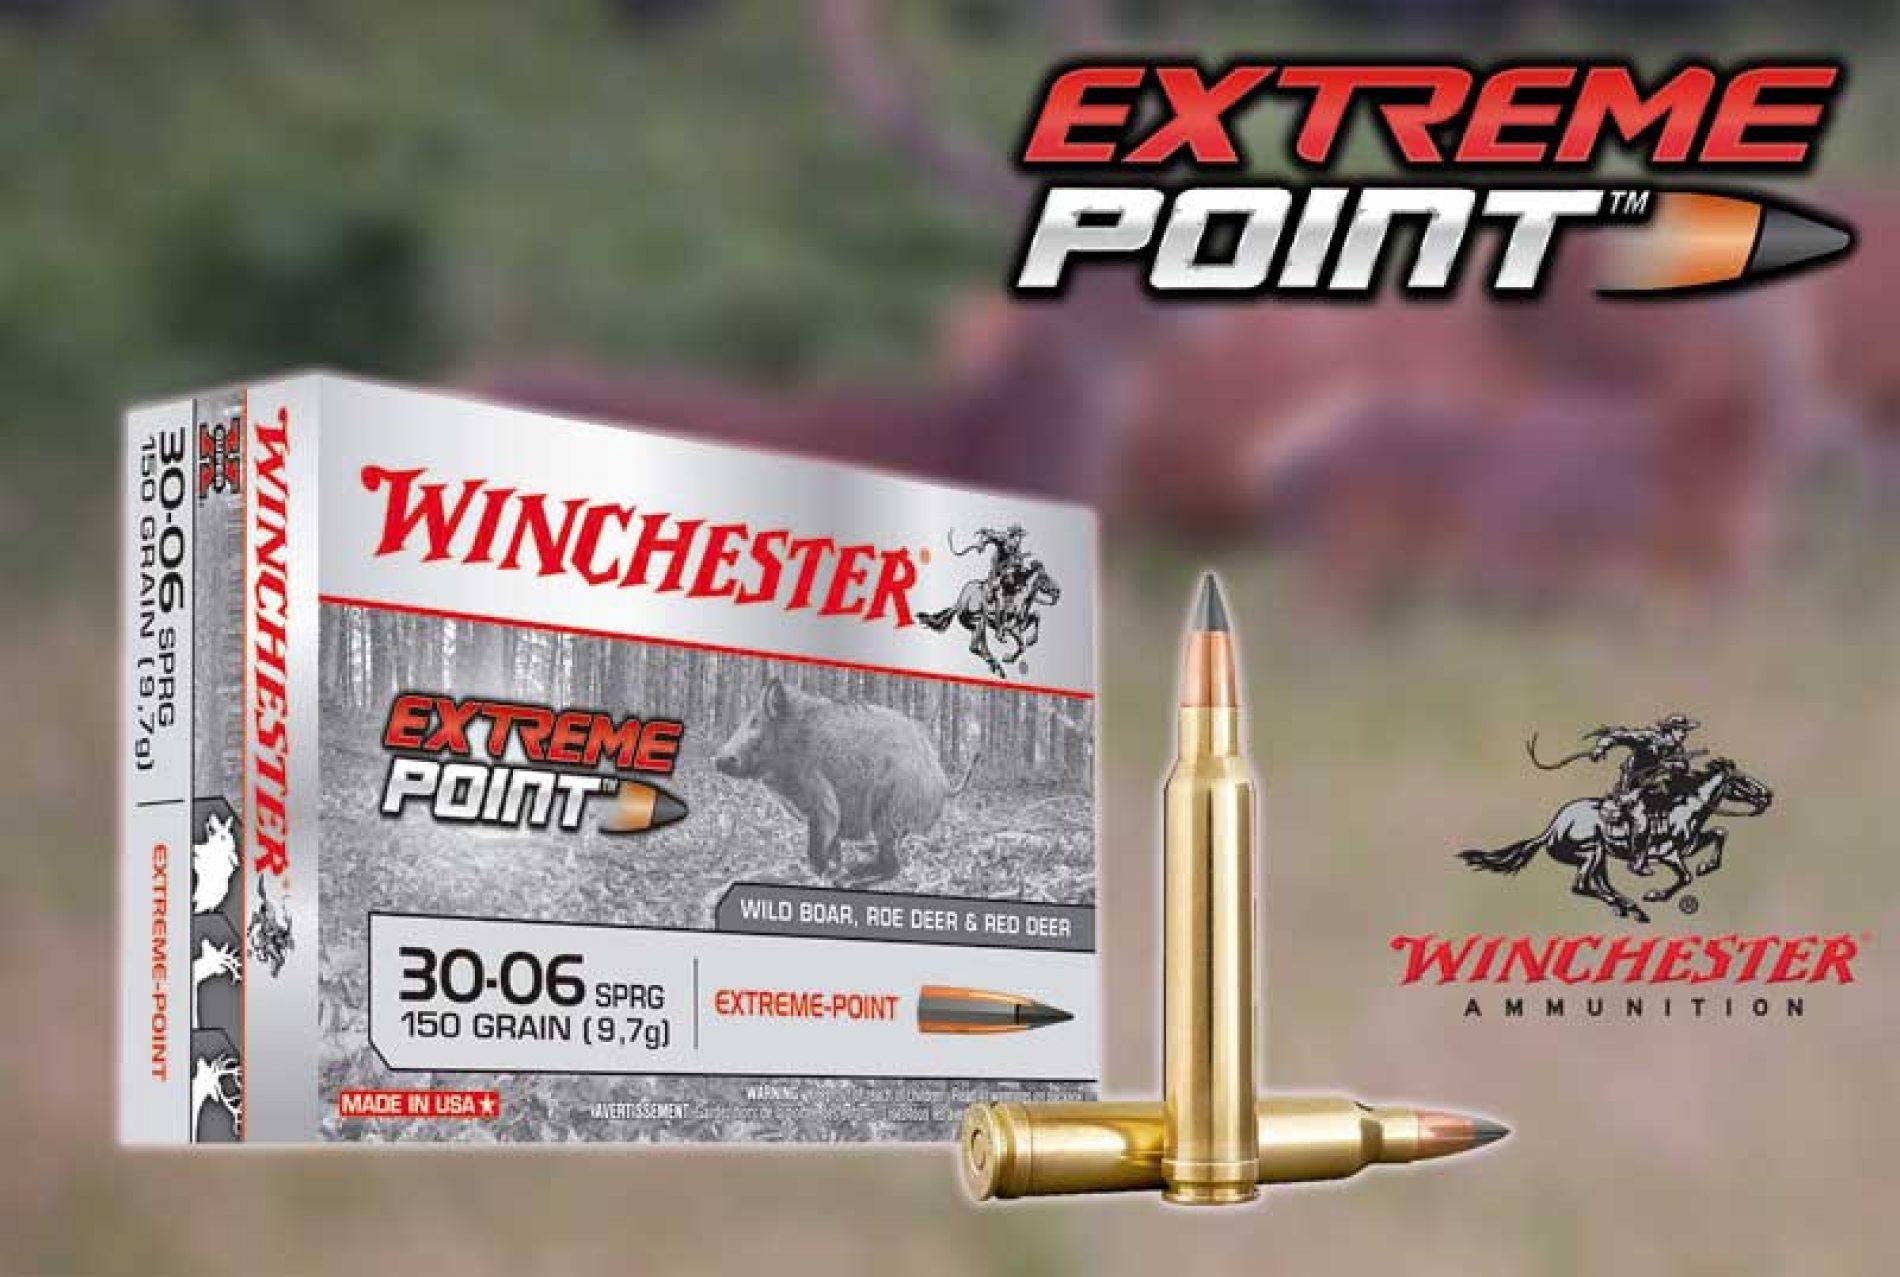 Bala Extreme Point, ideal para caza en batida o en rececho